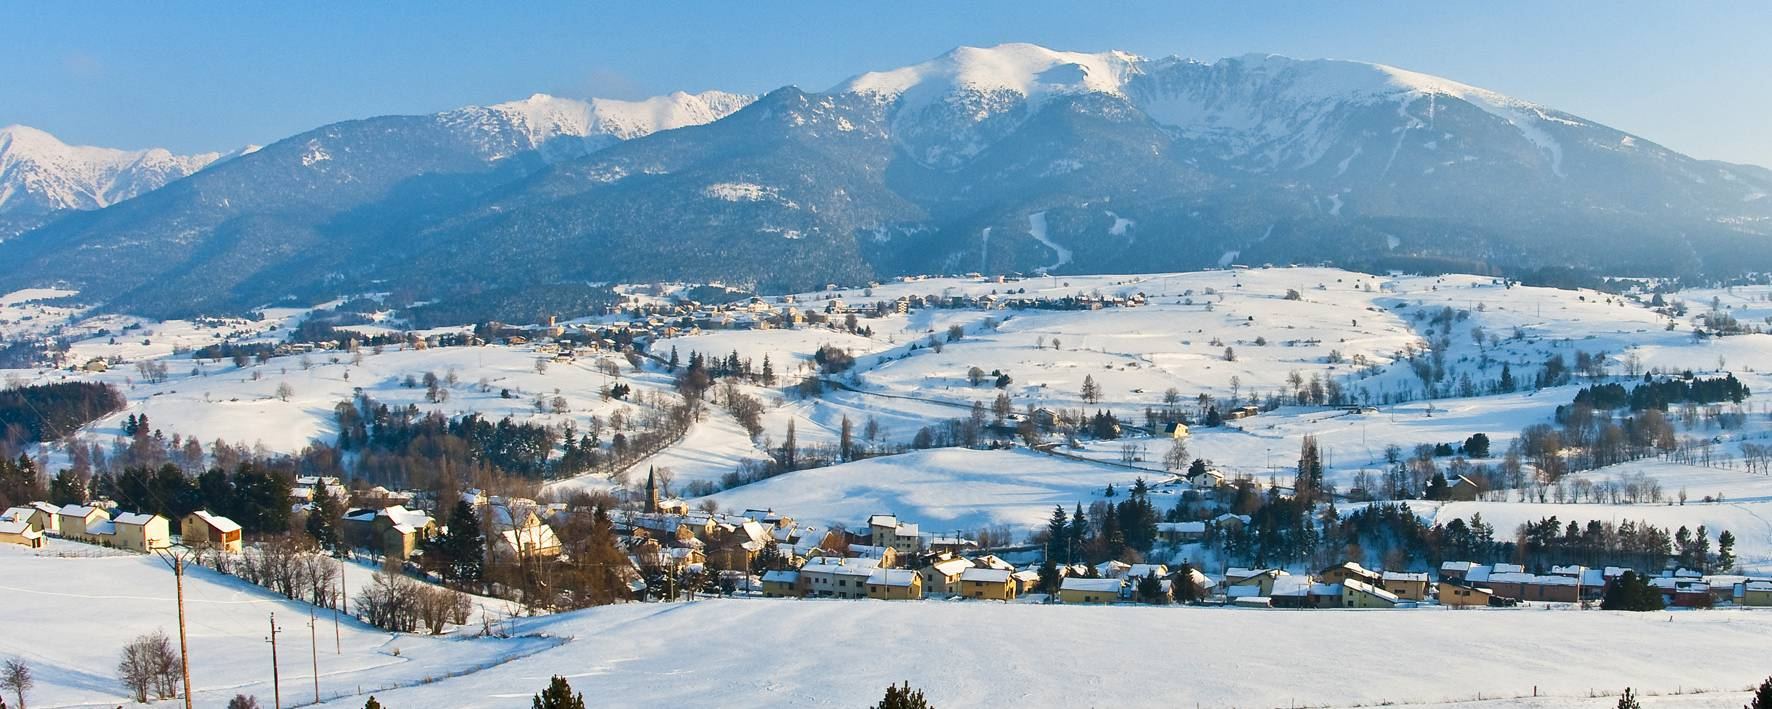 Village sous la neige © S.Burkhardt